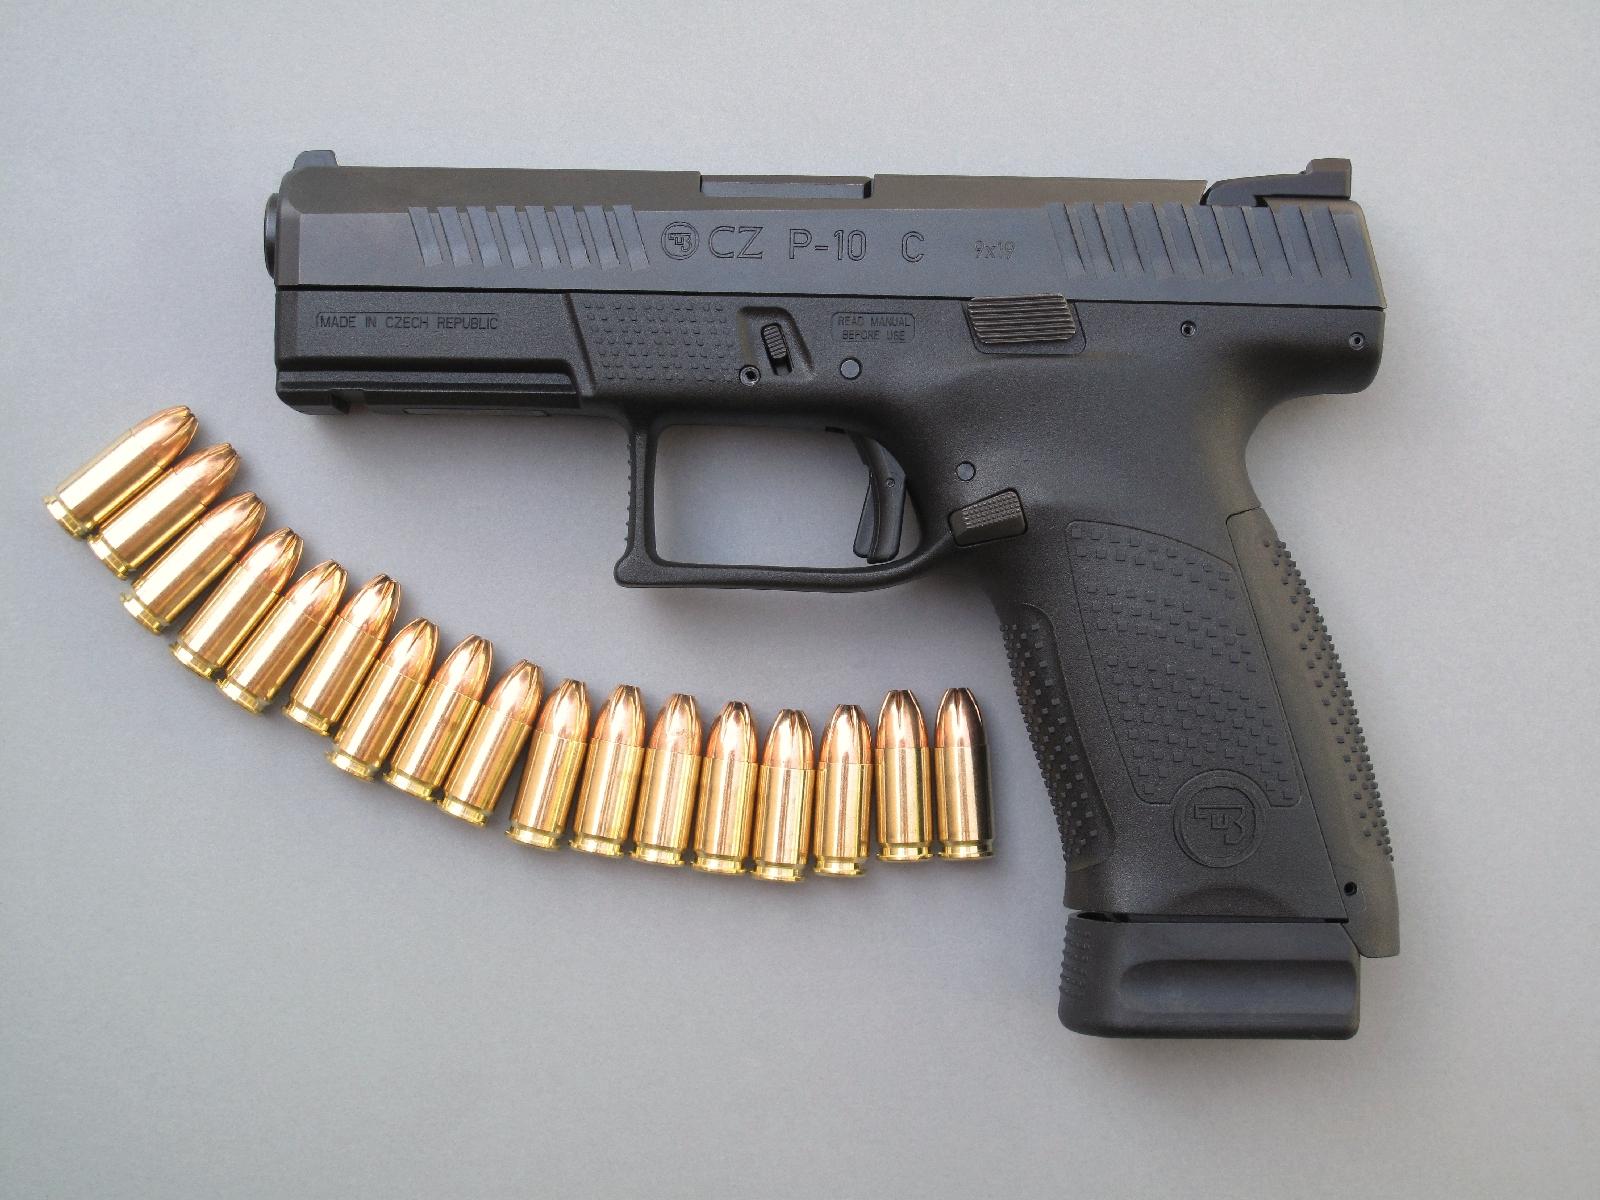 Le talon « +2 », qui assure au chargeur une capacité de 17 coups, permet d'améliorer la prise en main de la poignée à l'intention des utilisateurs dotés d'une forte morphologie.